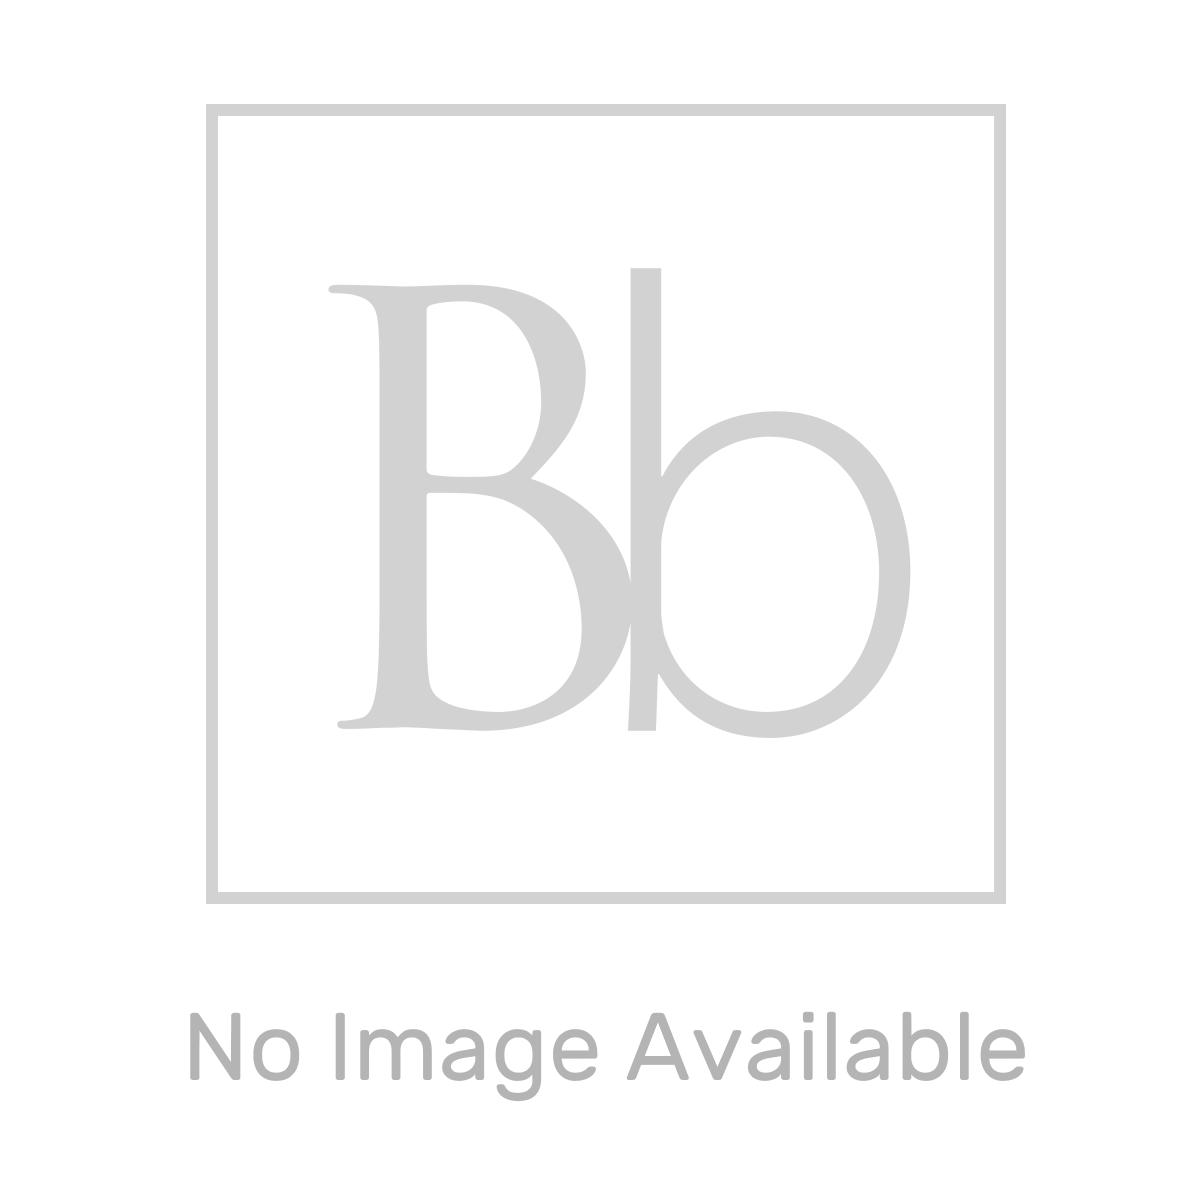 RAK Moon Freestanding Shower Bath Mixer Tap Measurements